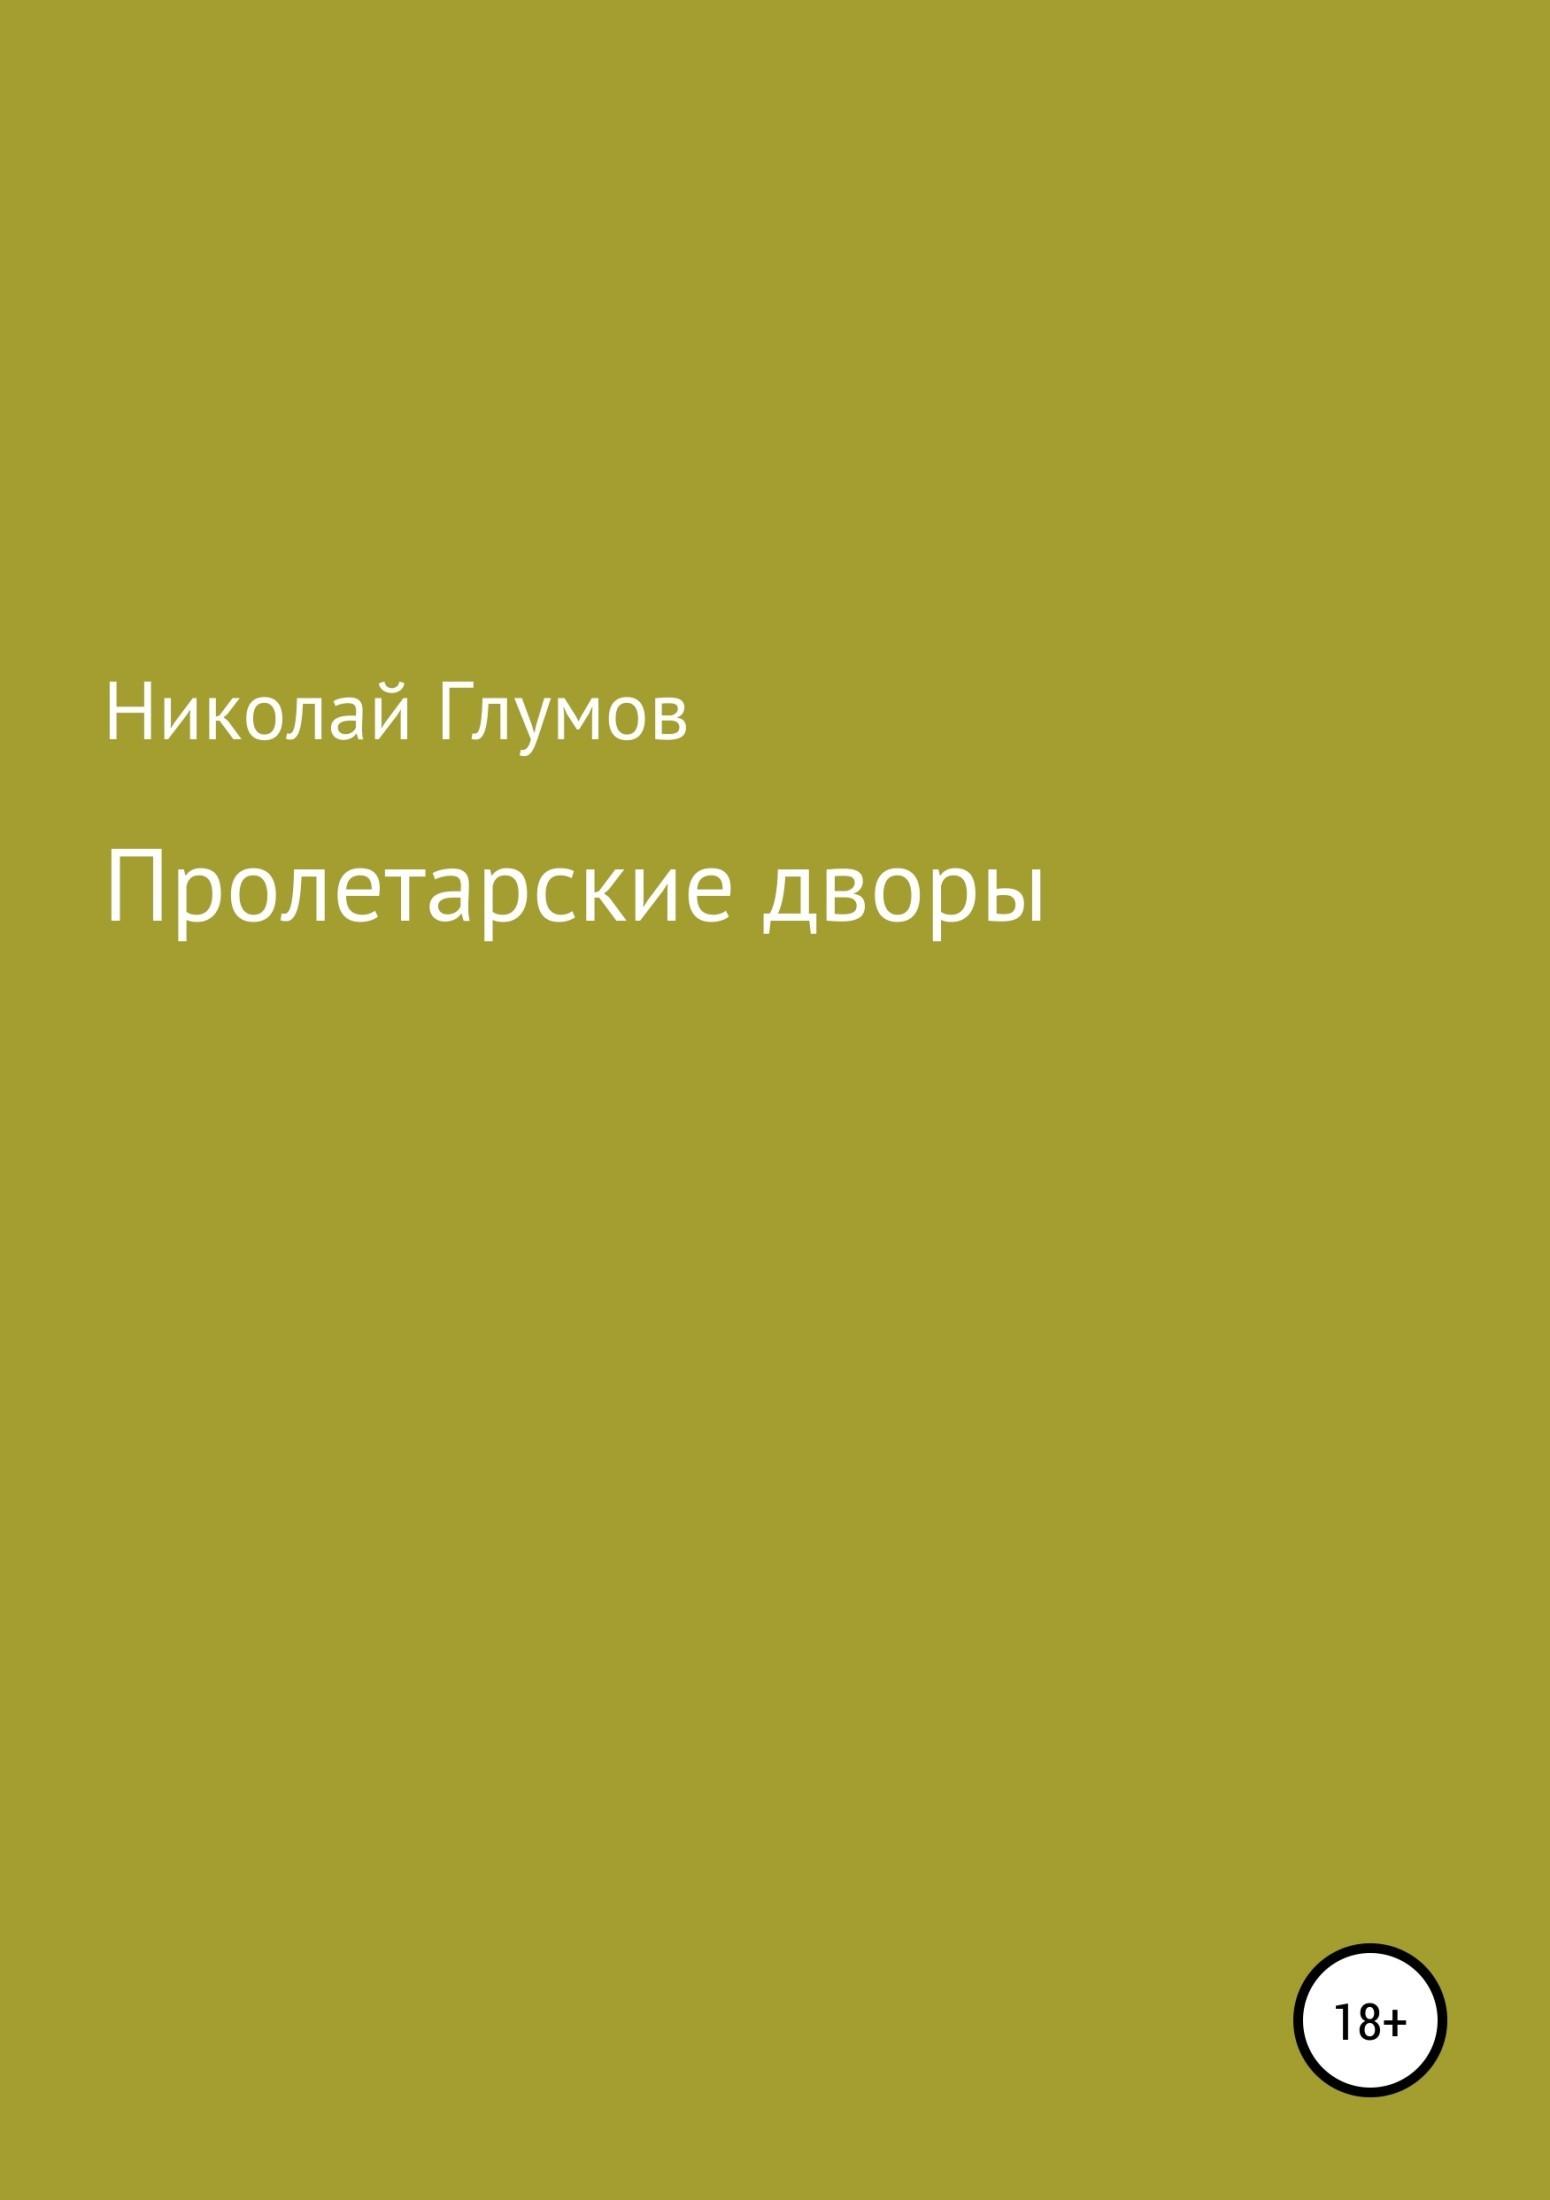 Пролетарские дворы. Сборник стихотворений